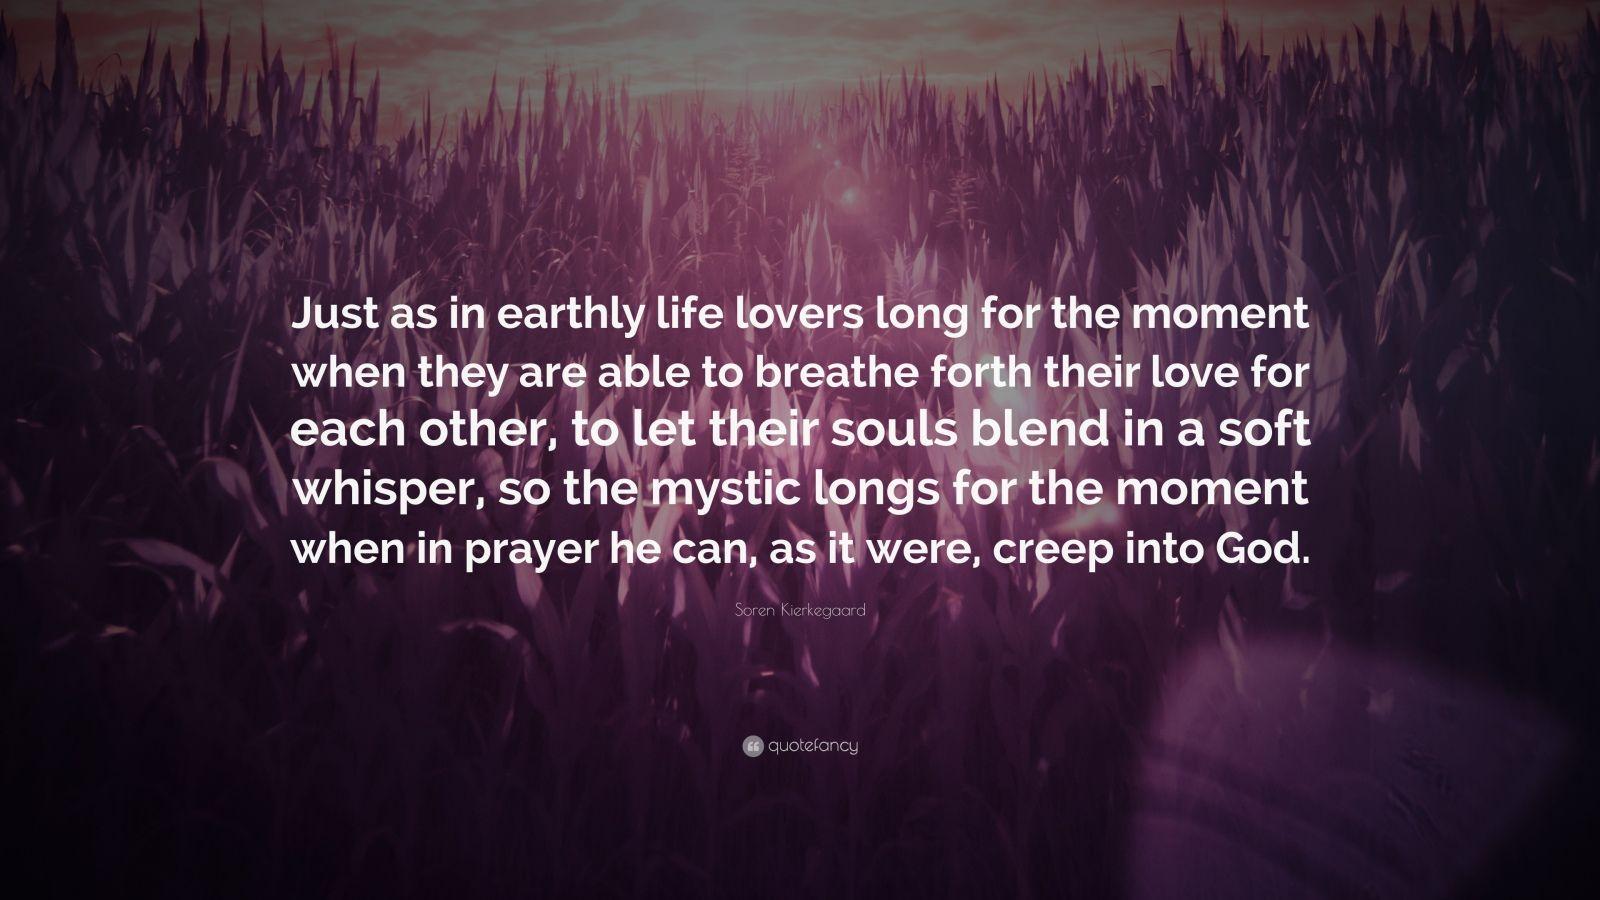 """Soren Kierkegaard Quotes 100 Wallpapers: Soren Kierkegaard Quote: """"Just As In Earthly Life Lovers"""